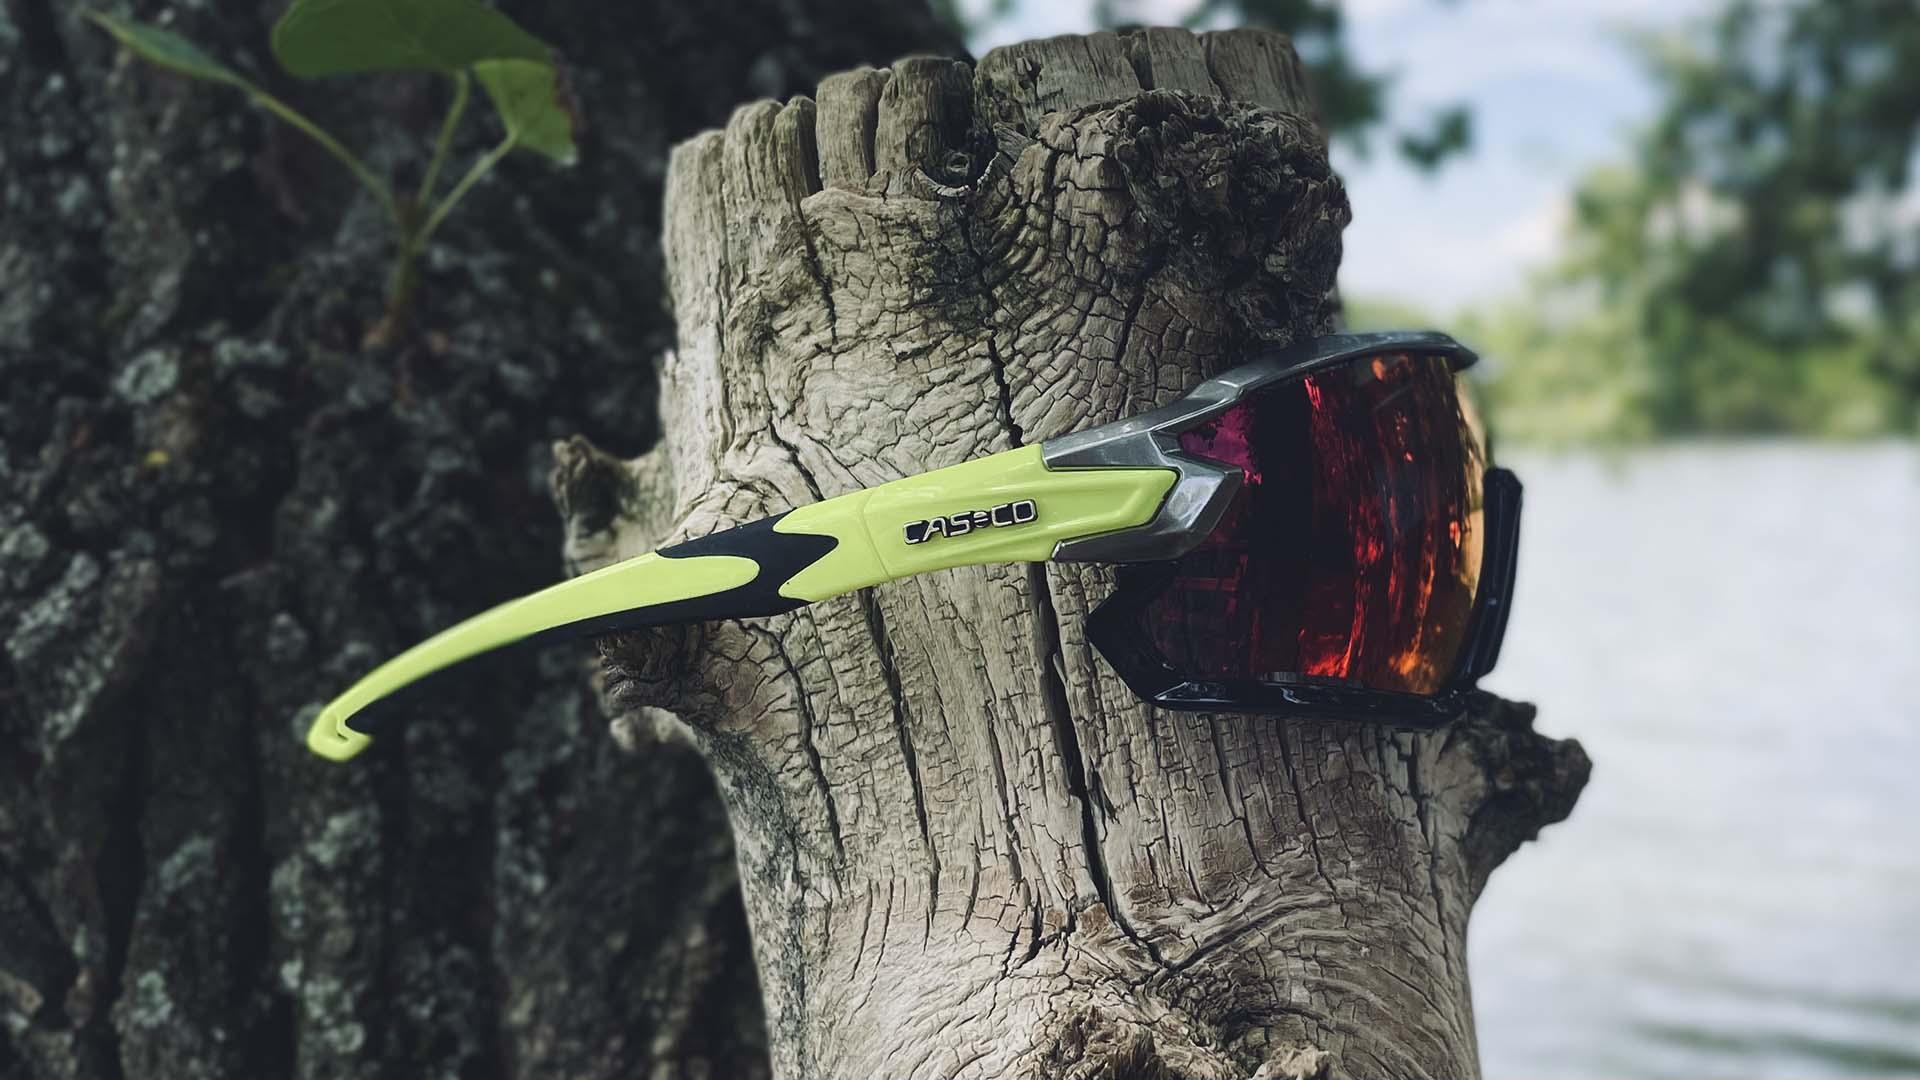 Funkcionális szemüveg sportoláshoz kifejlesztve: Casco SX-34 sportszemüveg-14